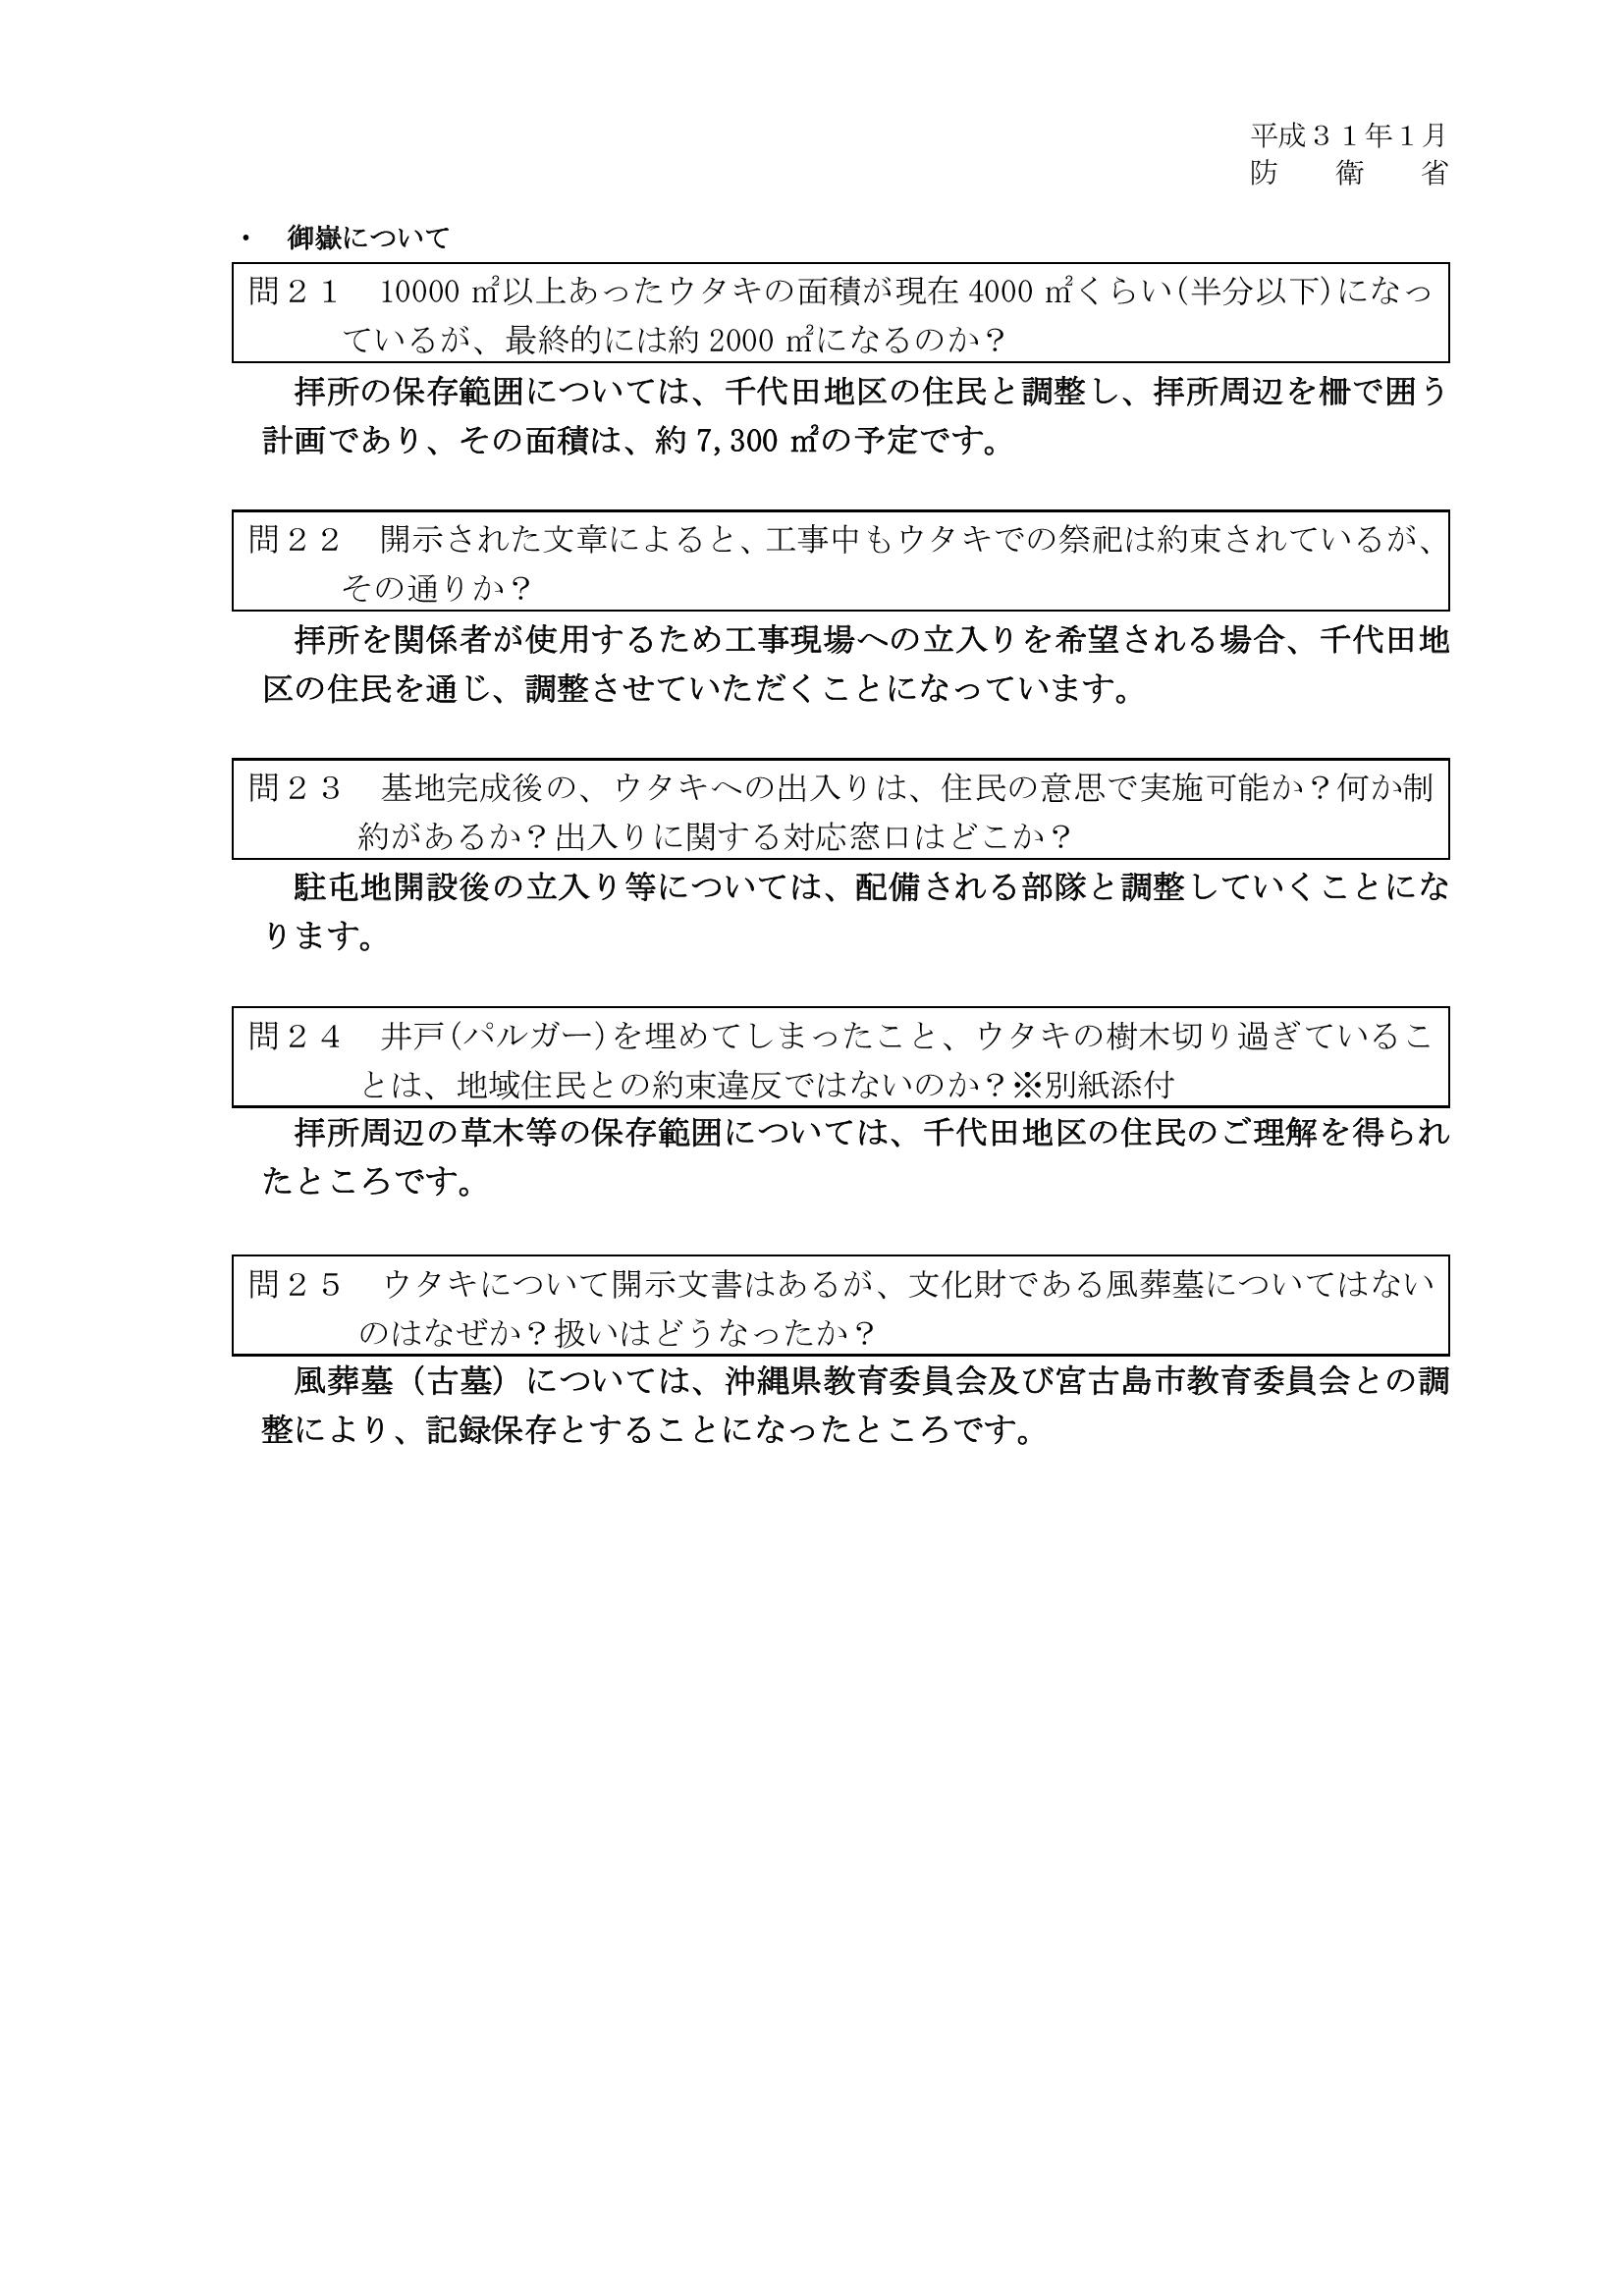 201901防衛省回答0005